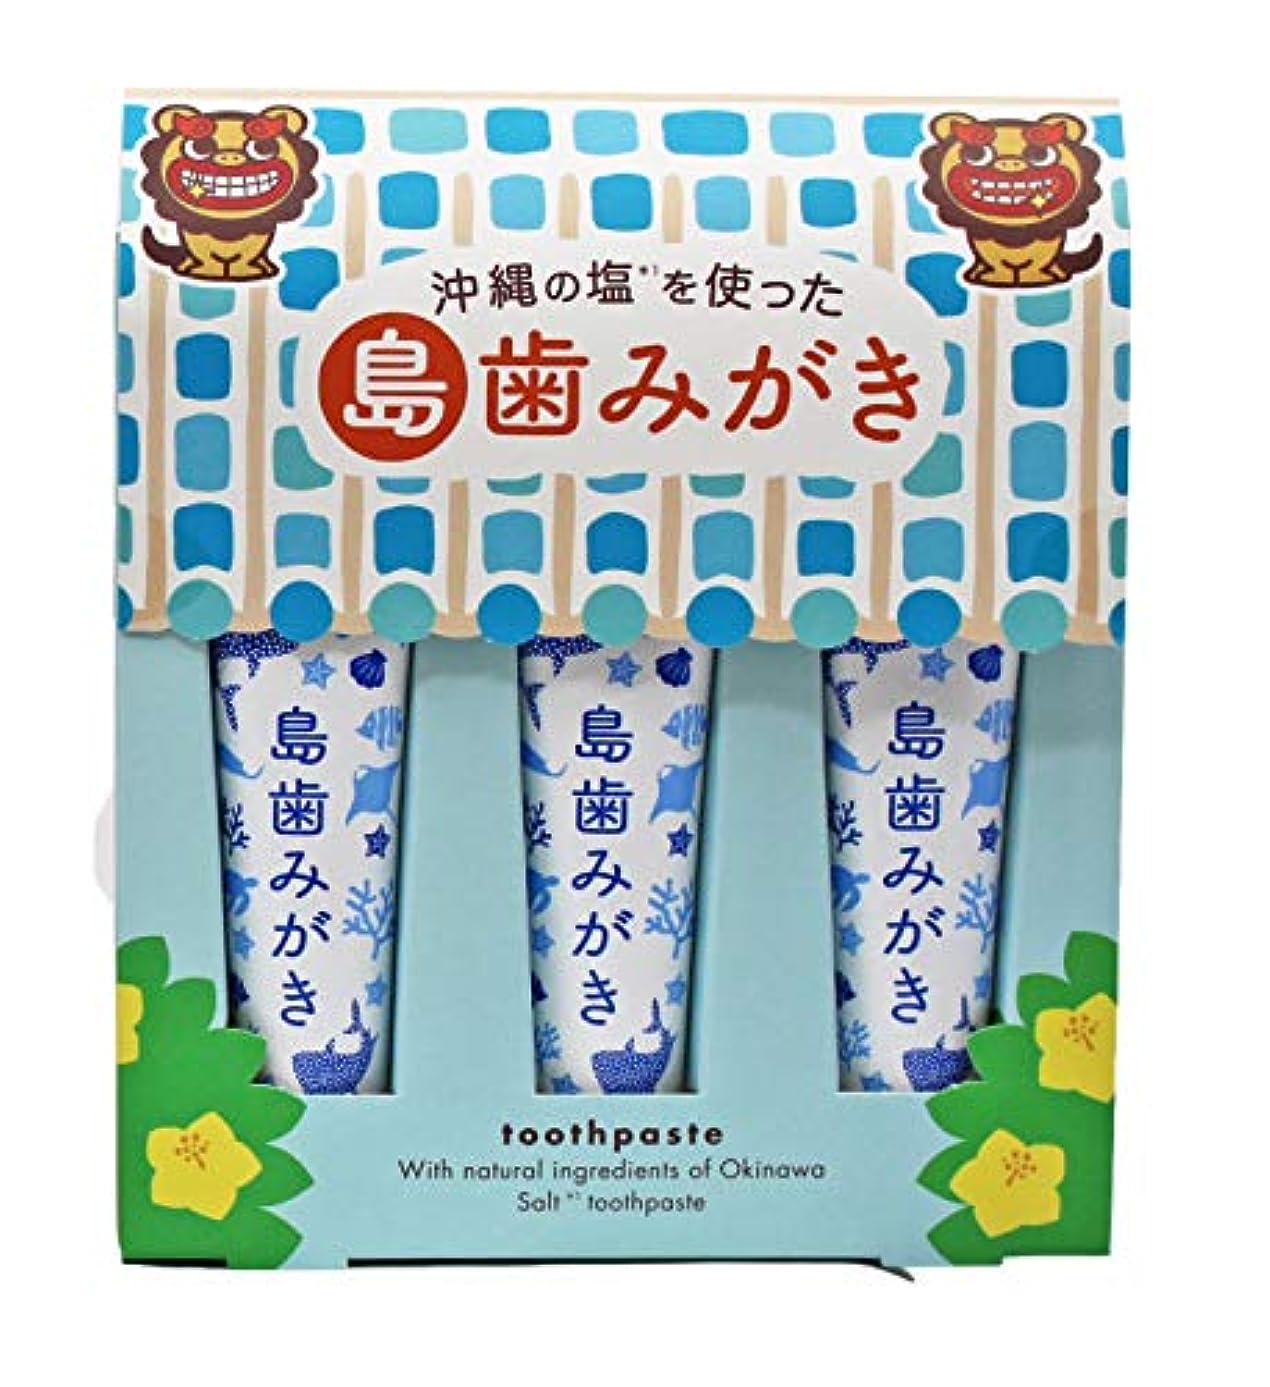 休戦君主長いです沖縄の塩を使った島歯みがき (藍色) 15g×3本入り